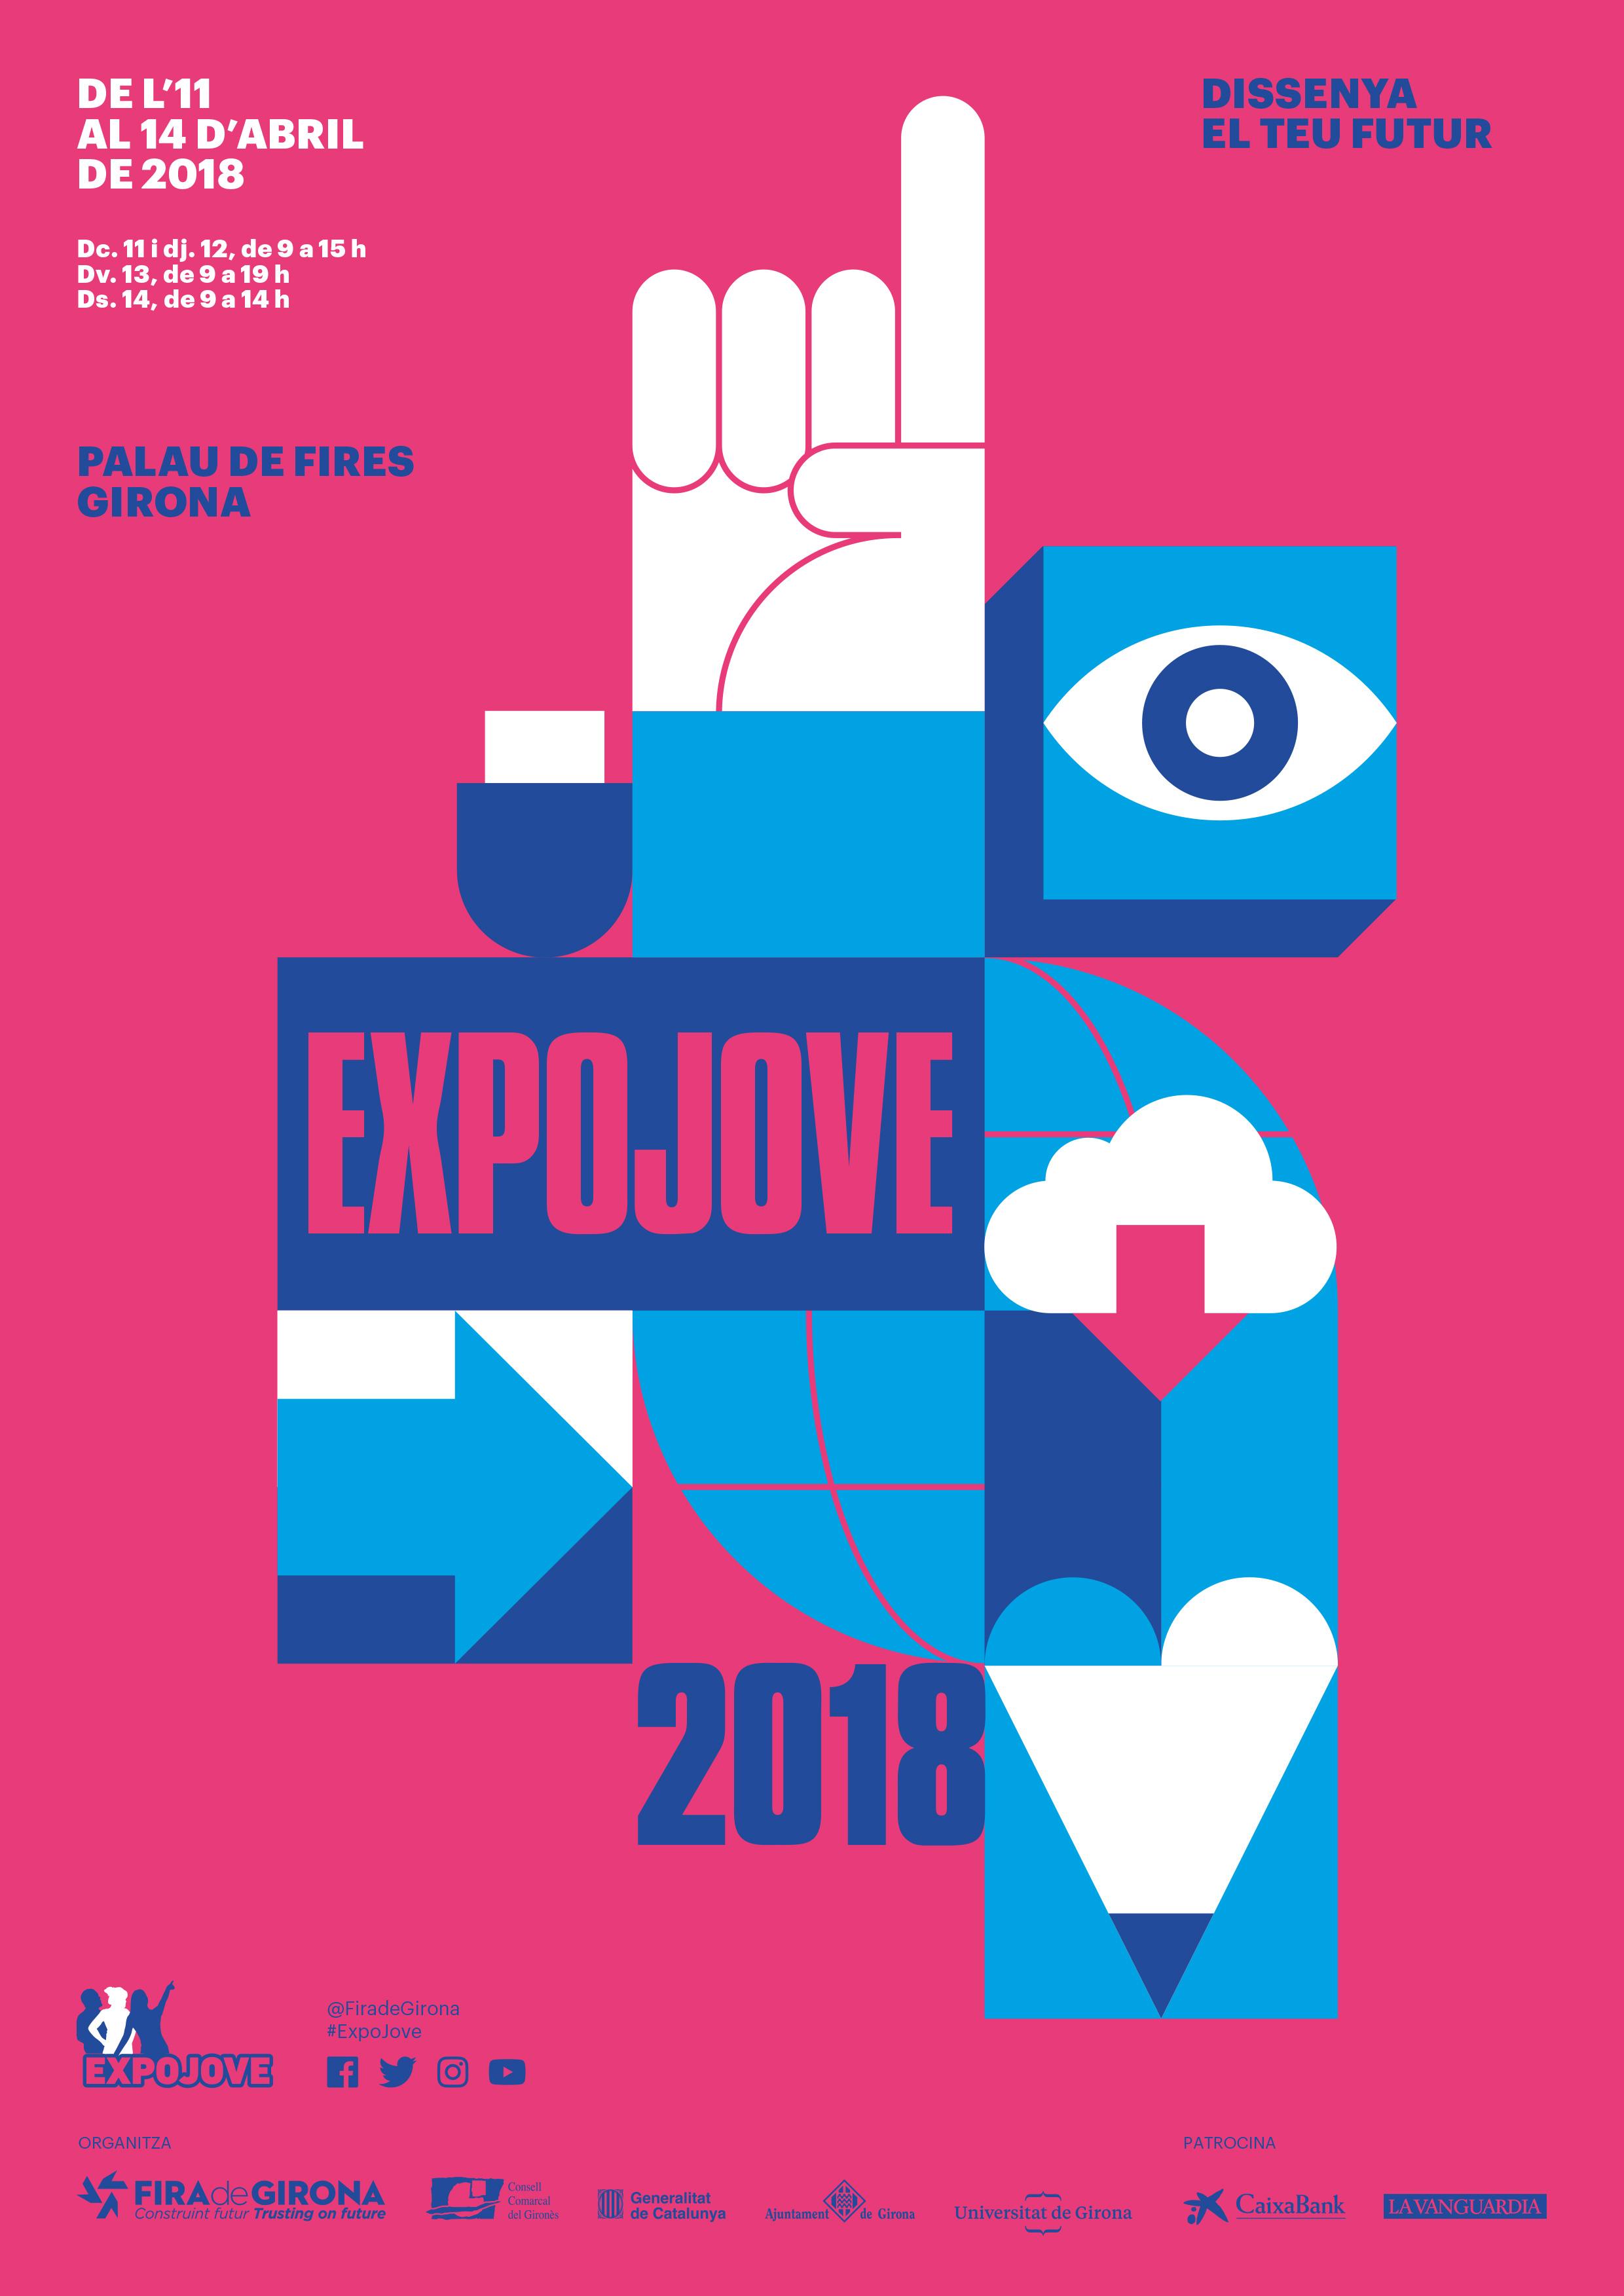 Des del dimecres i fins dissabte ens trobareu al Palau de Fires de Girona en l'ExpoJove 2018